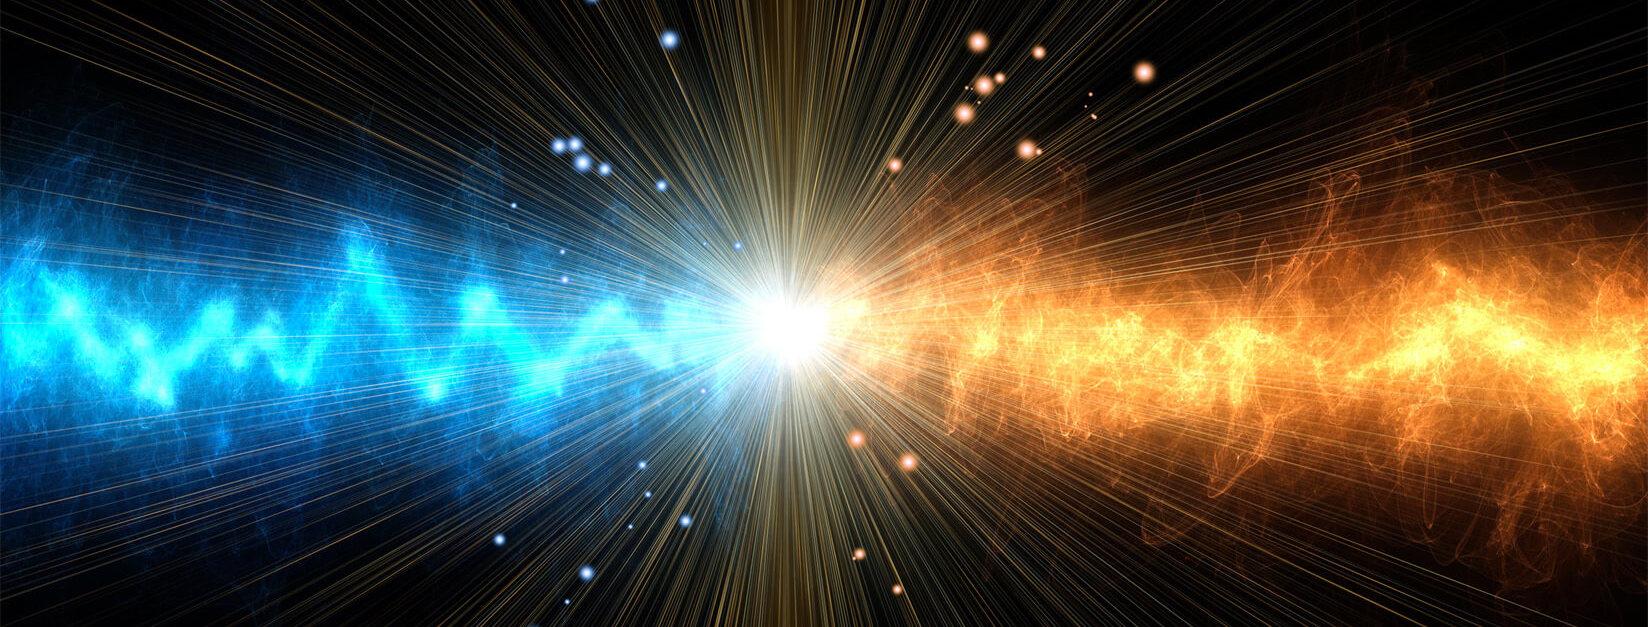 Парамагноны и магноны: энергия из тепла - 1